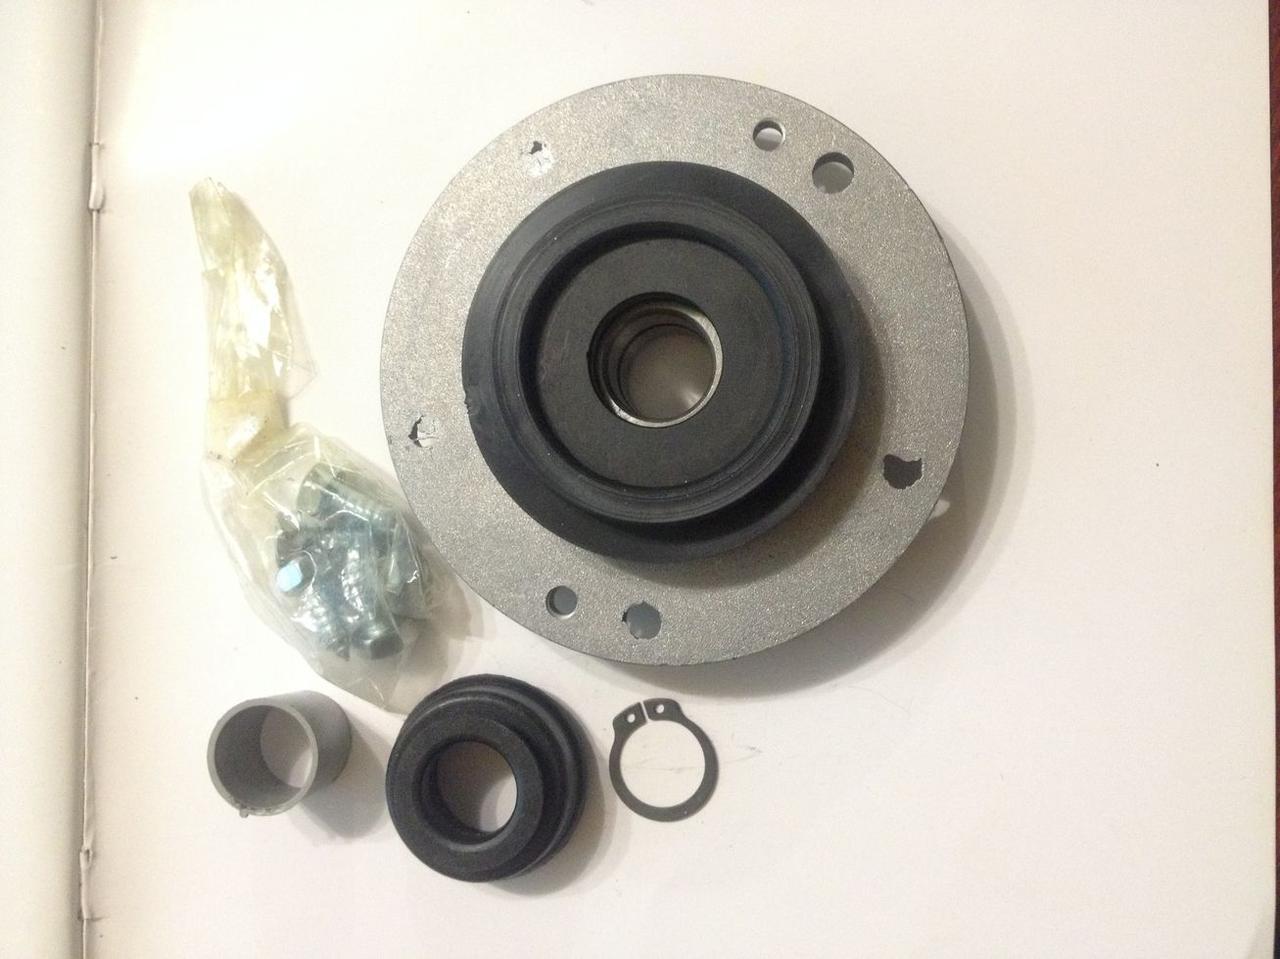 Блок подшипников Zanussi (Занусси) cod 113 для стиральной машины